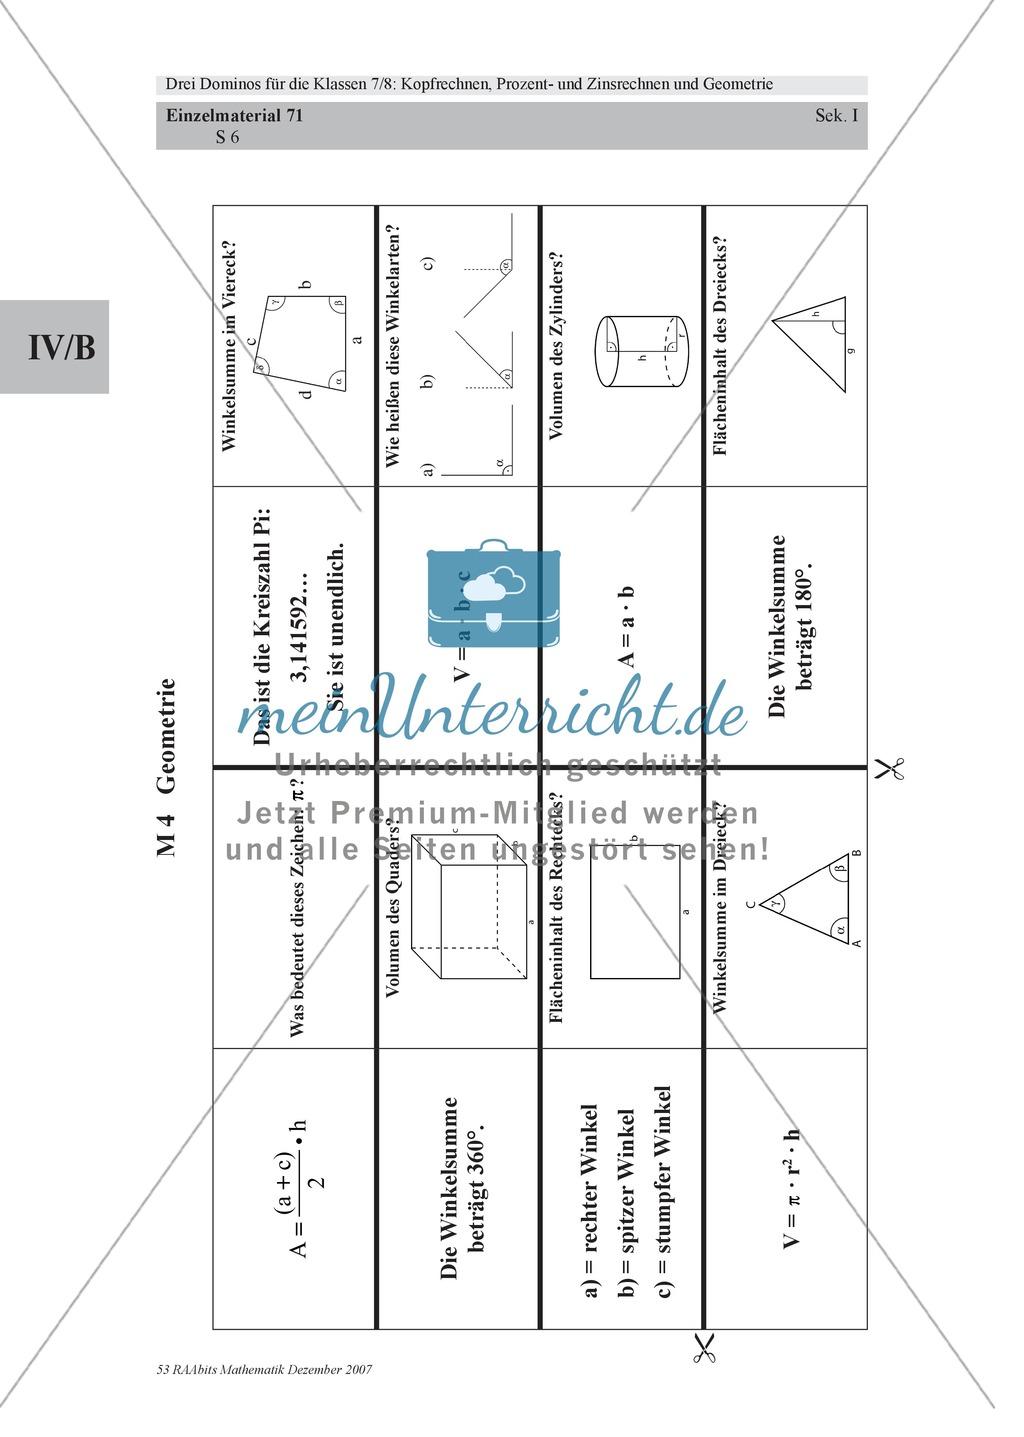 Unique Mathe Arbeitsblatt Winkel Model - Kindergarten Arbeitsblatt ...